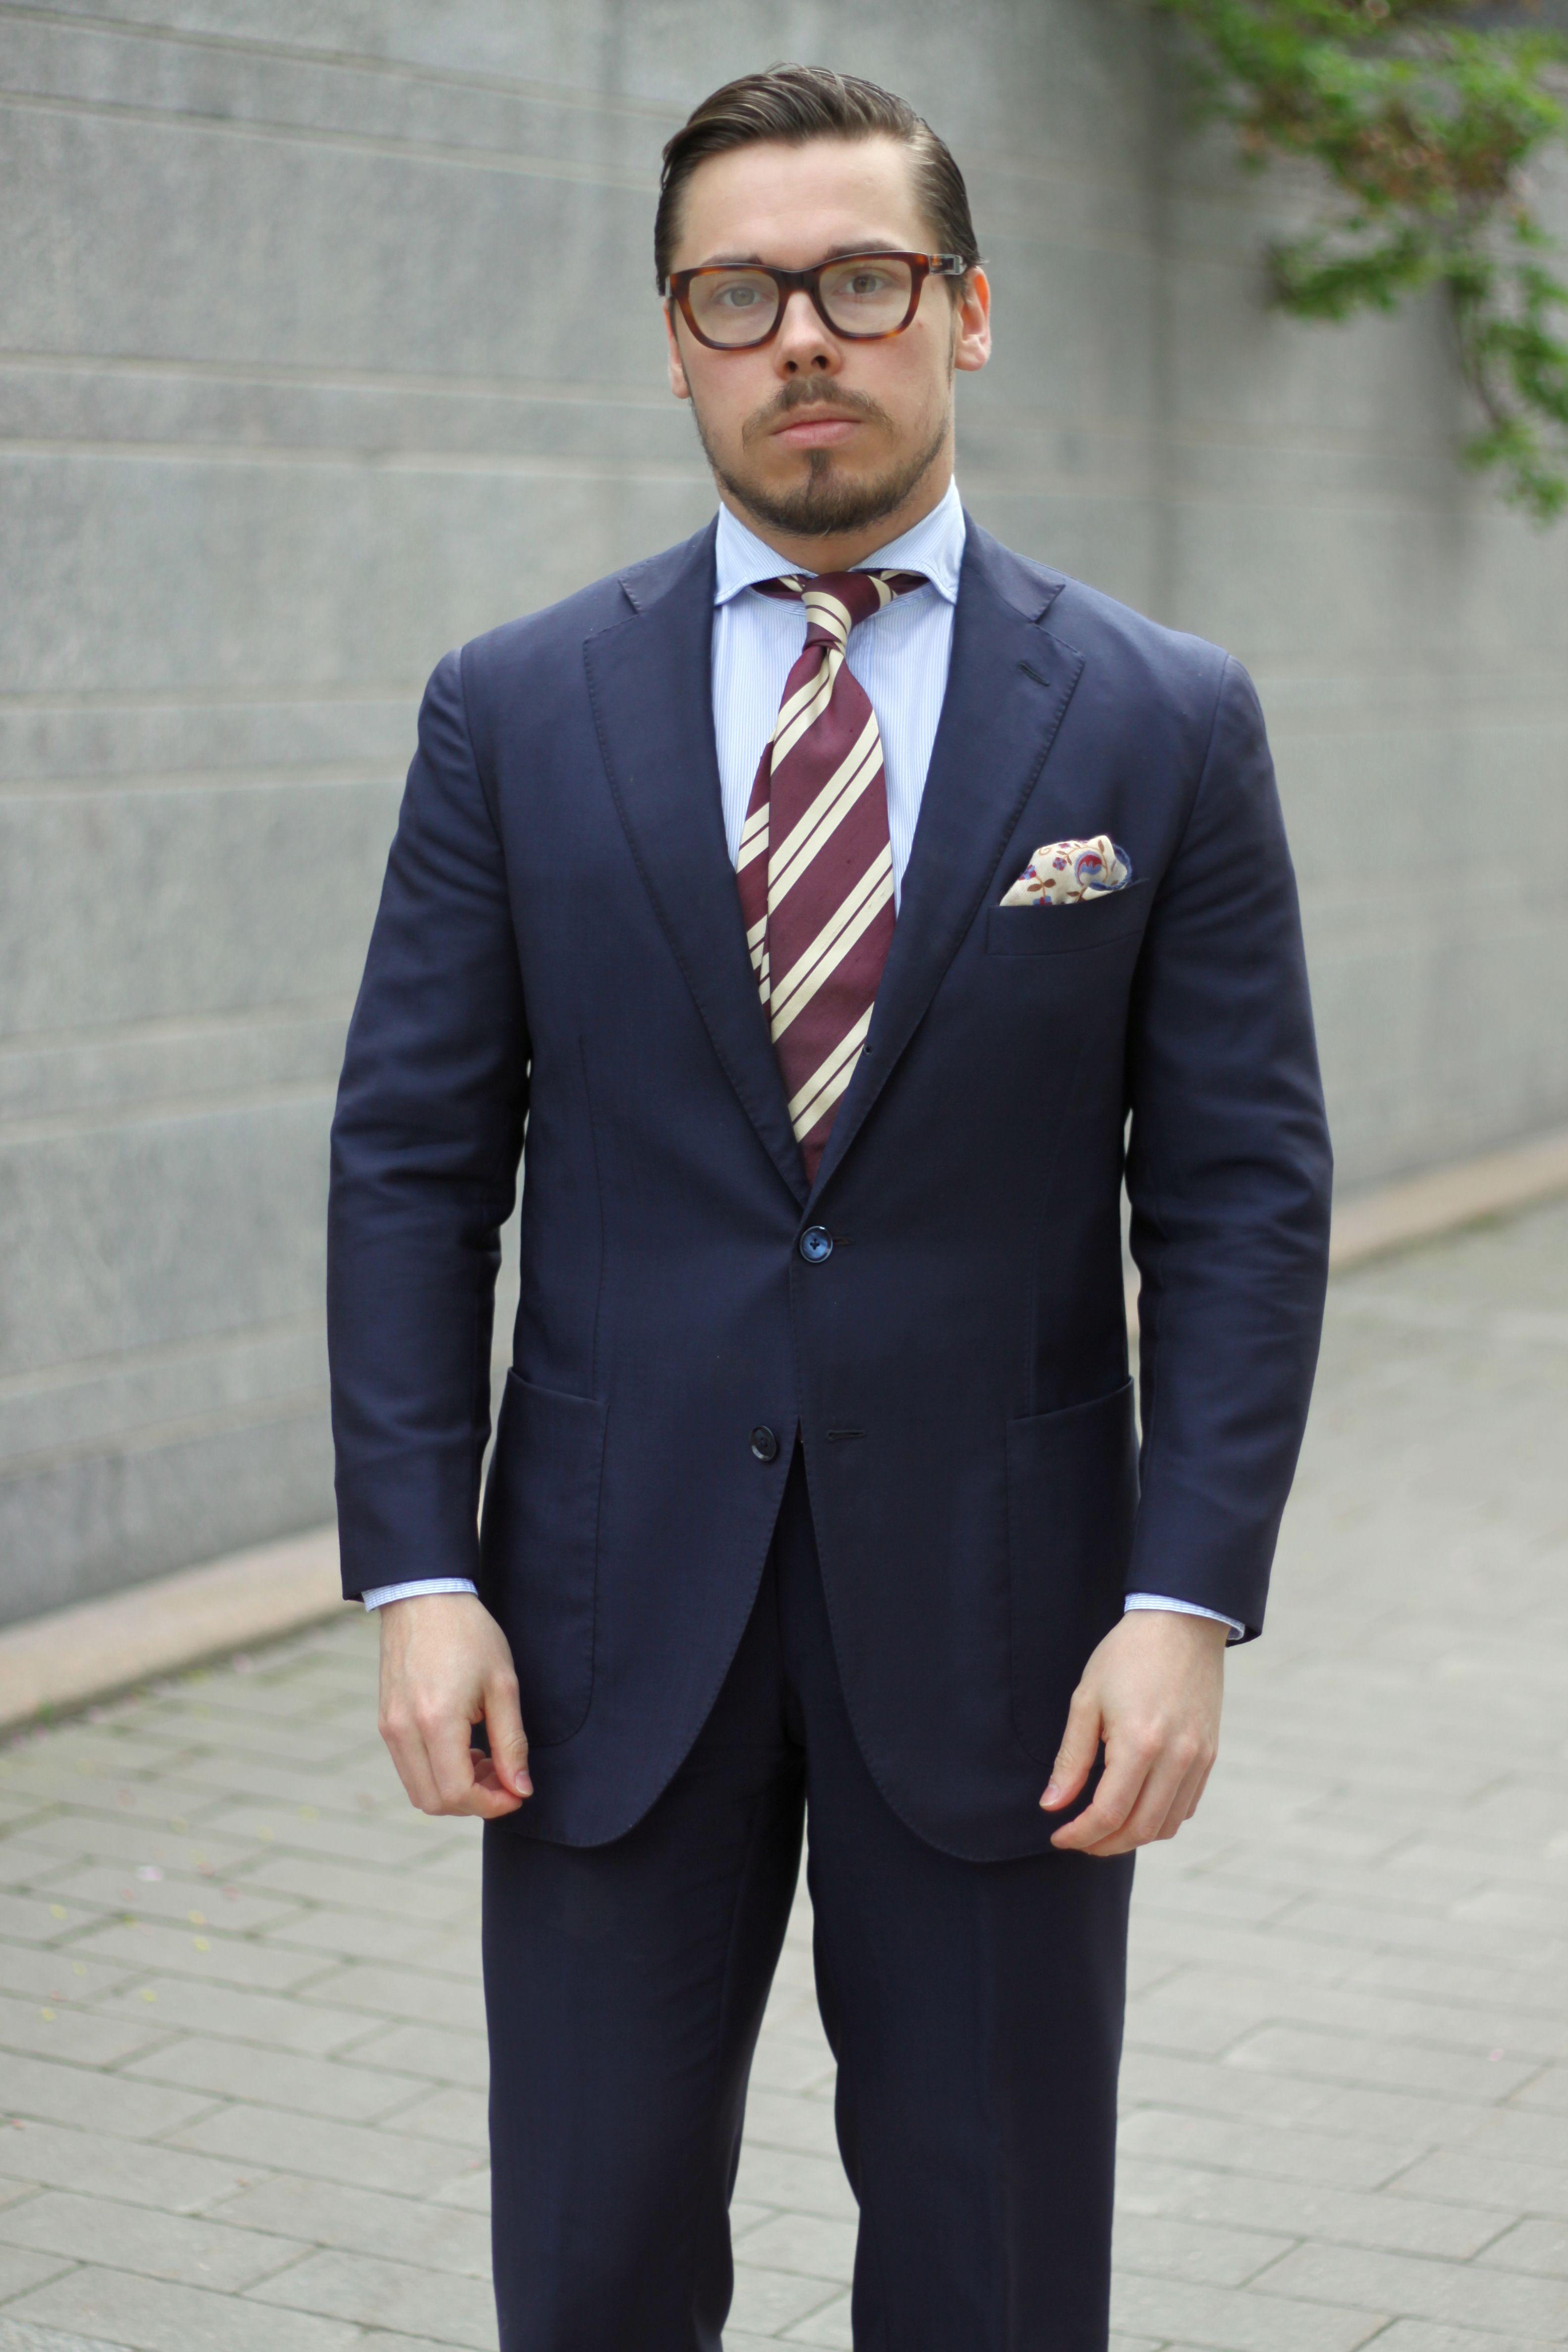 Dress Suit Accessories